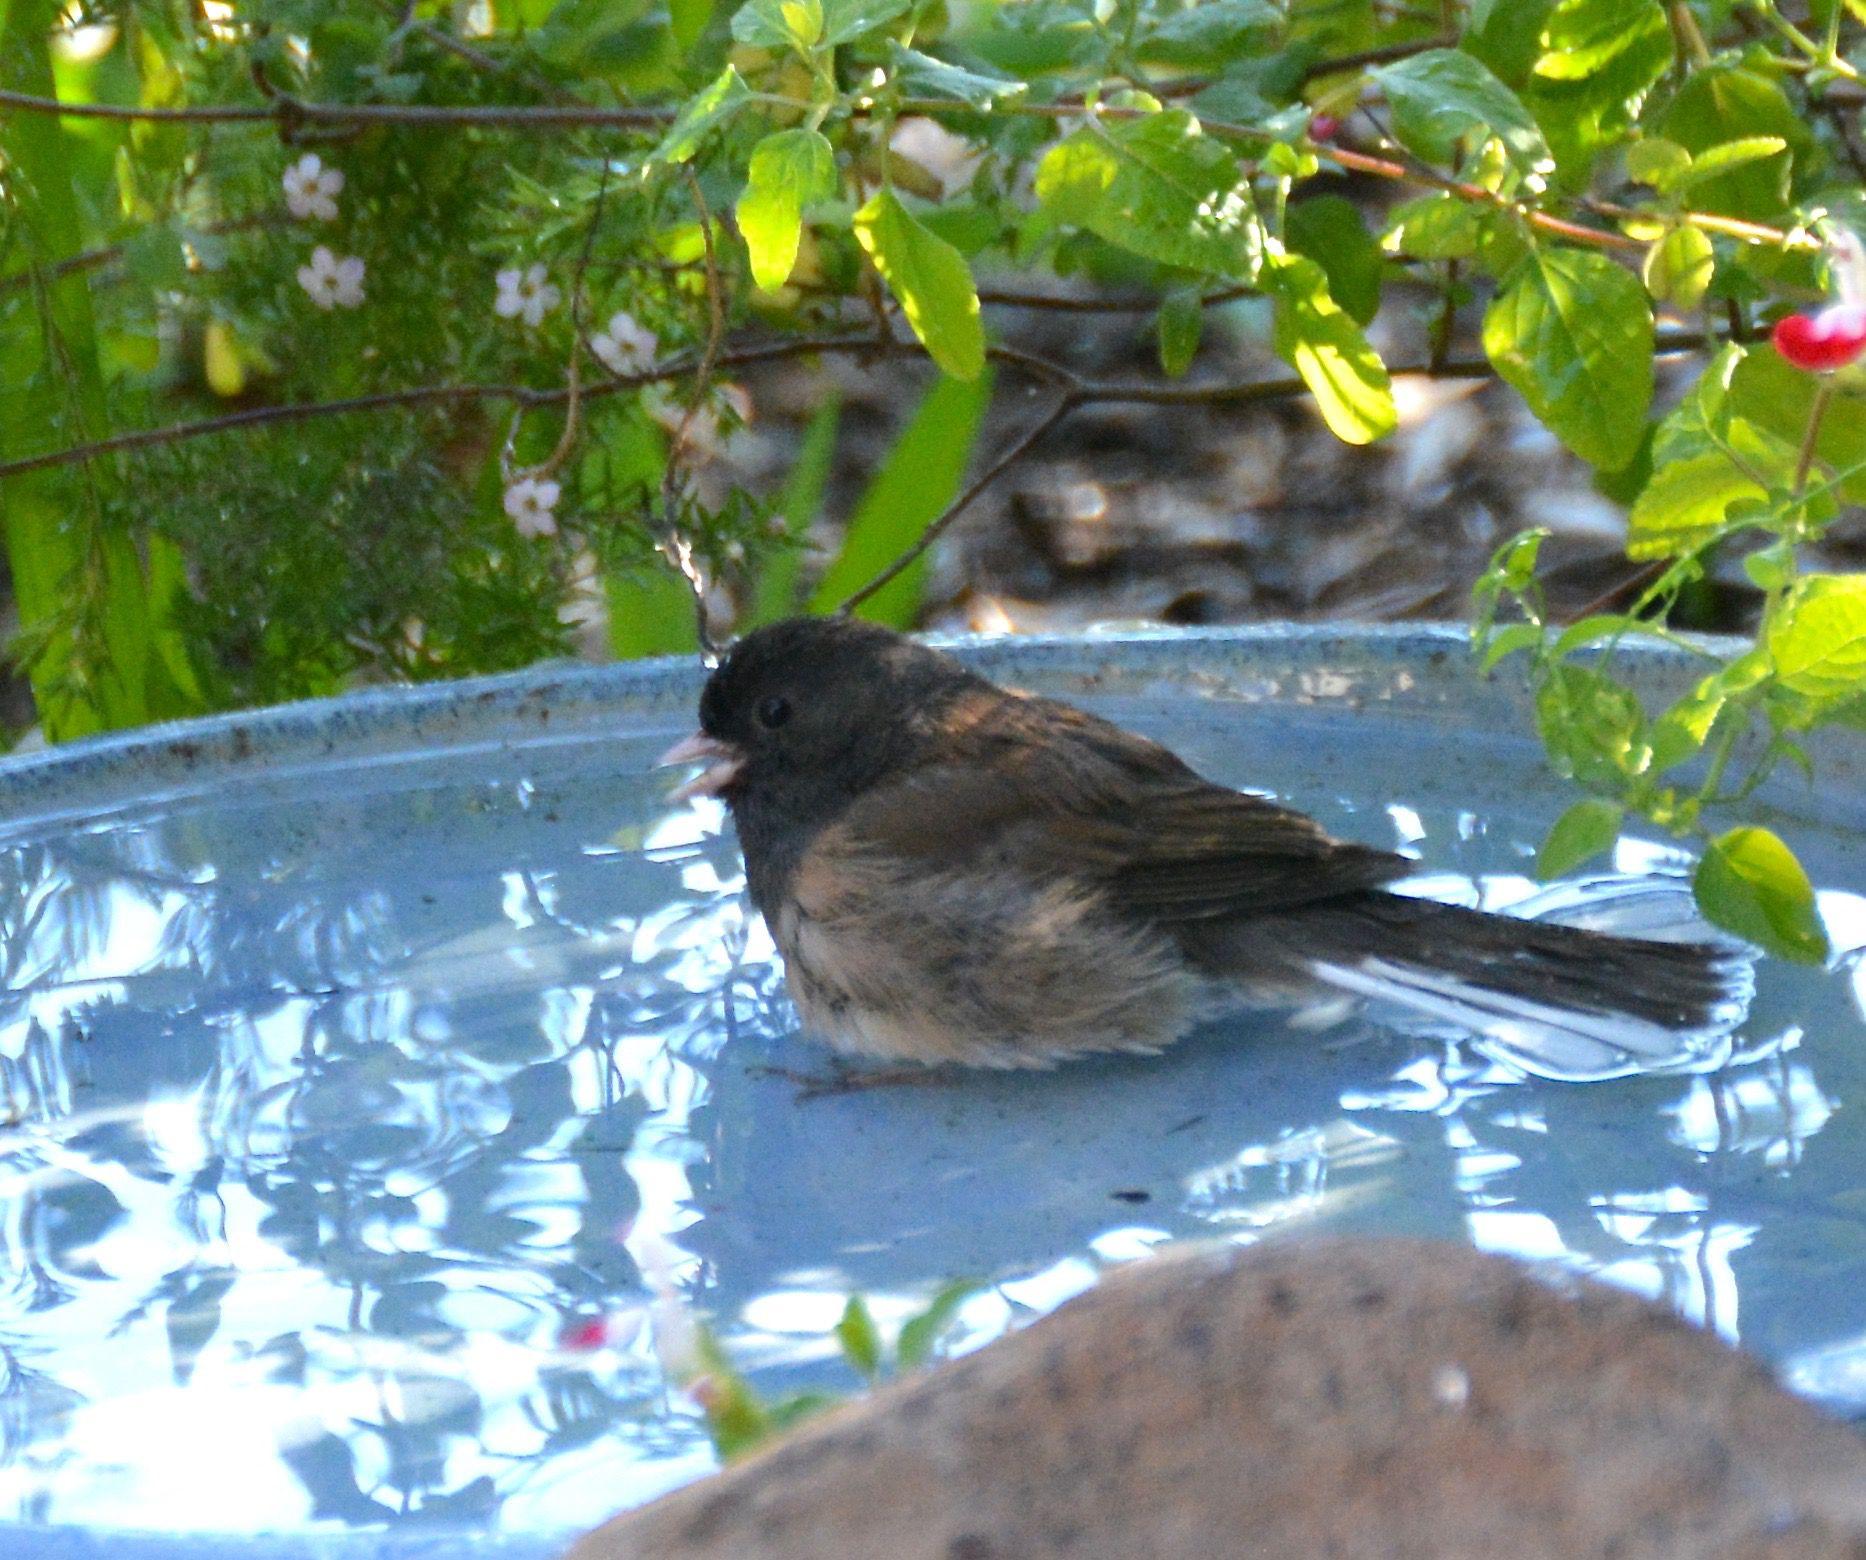 news out a plant balcony diy cerea or with camilla of up your keep patio brighten birds garden california native